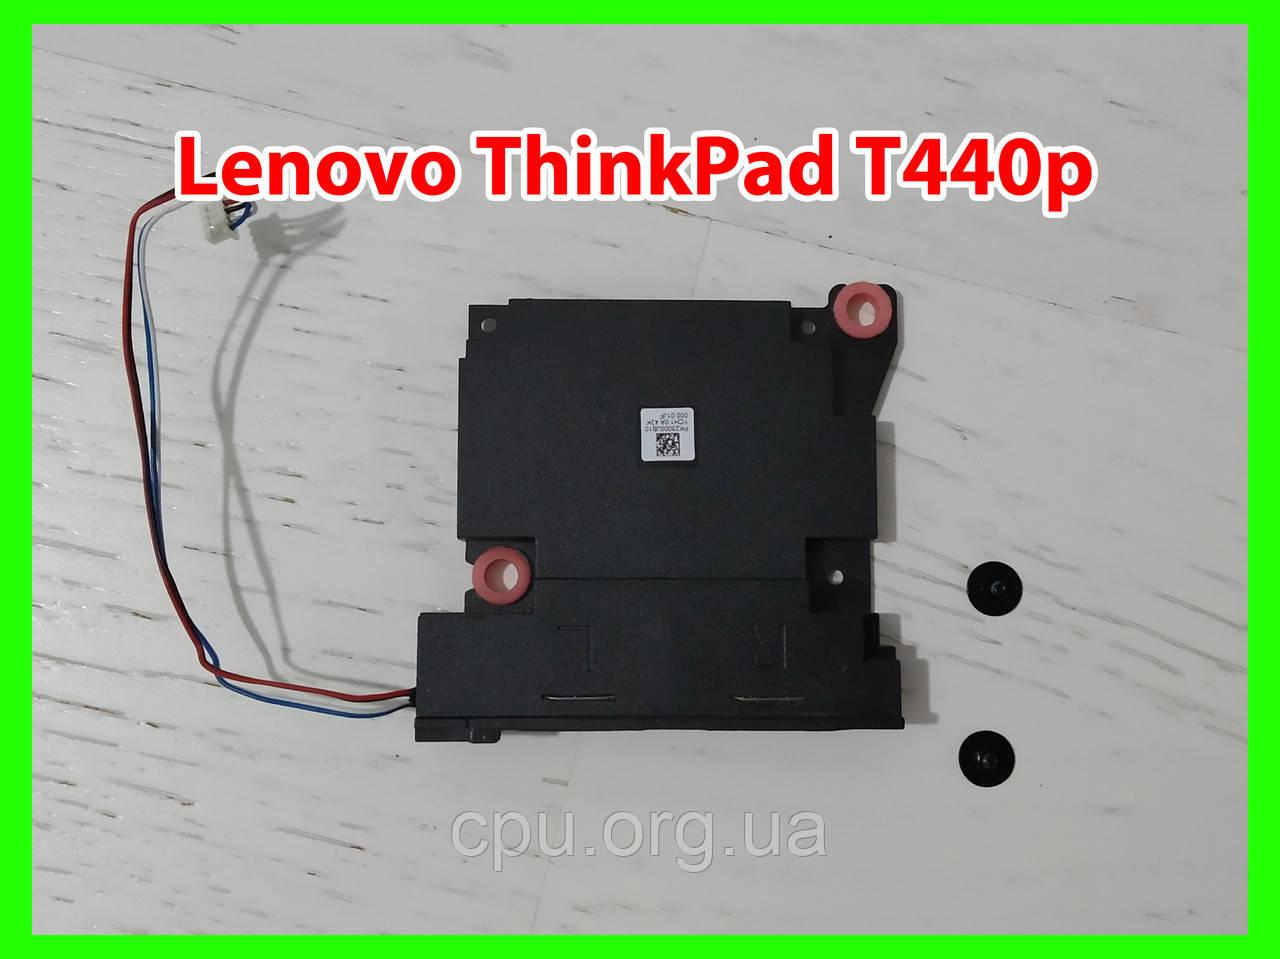 Динамики speakers Lenovo ThinkPad T440p